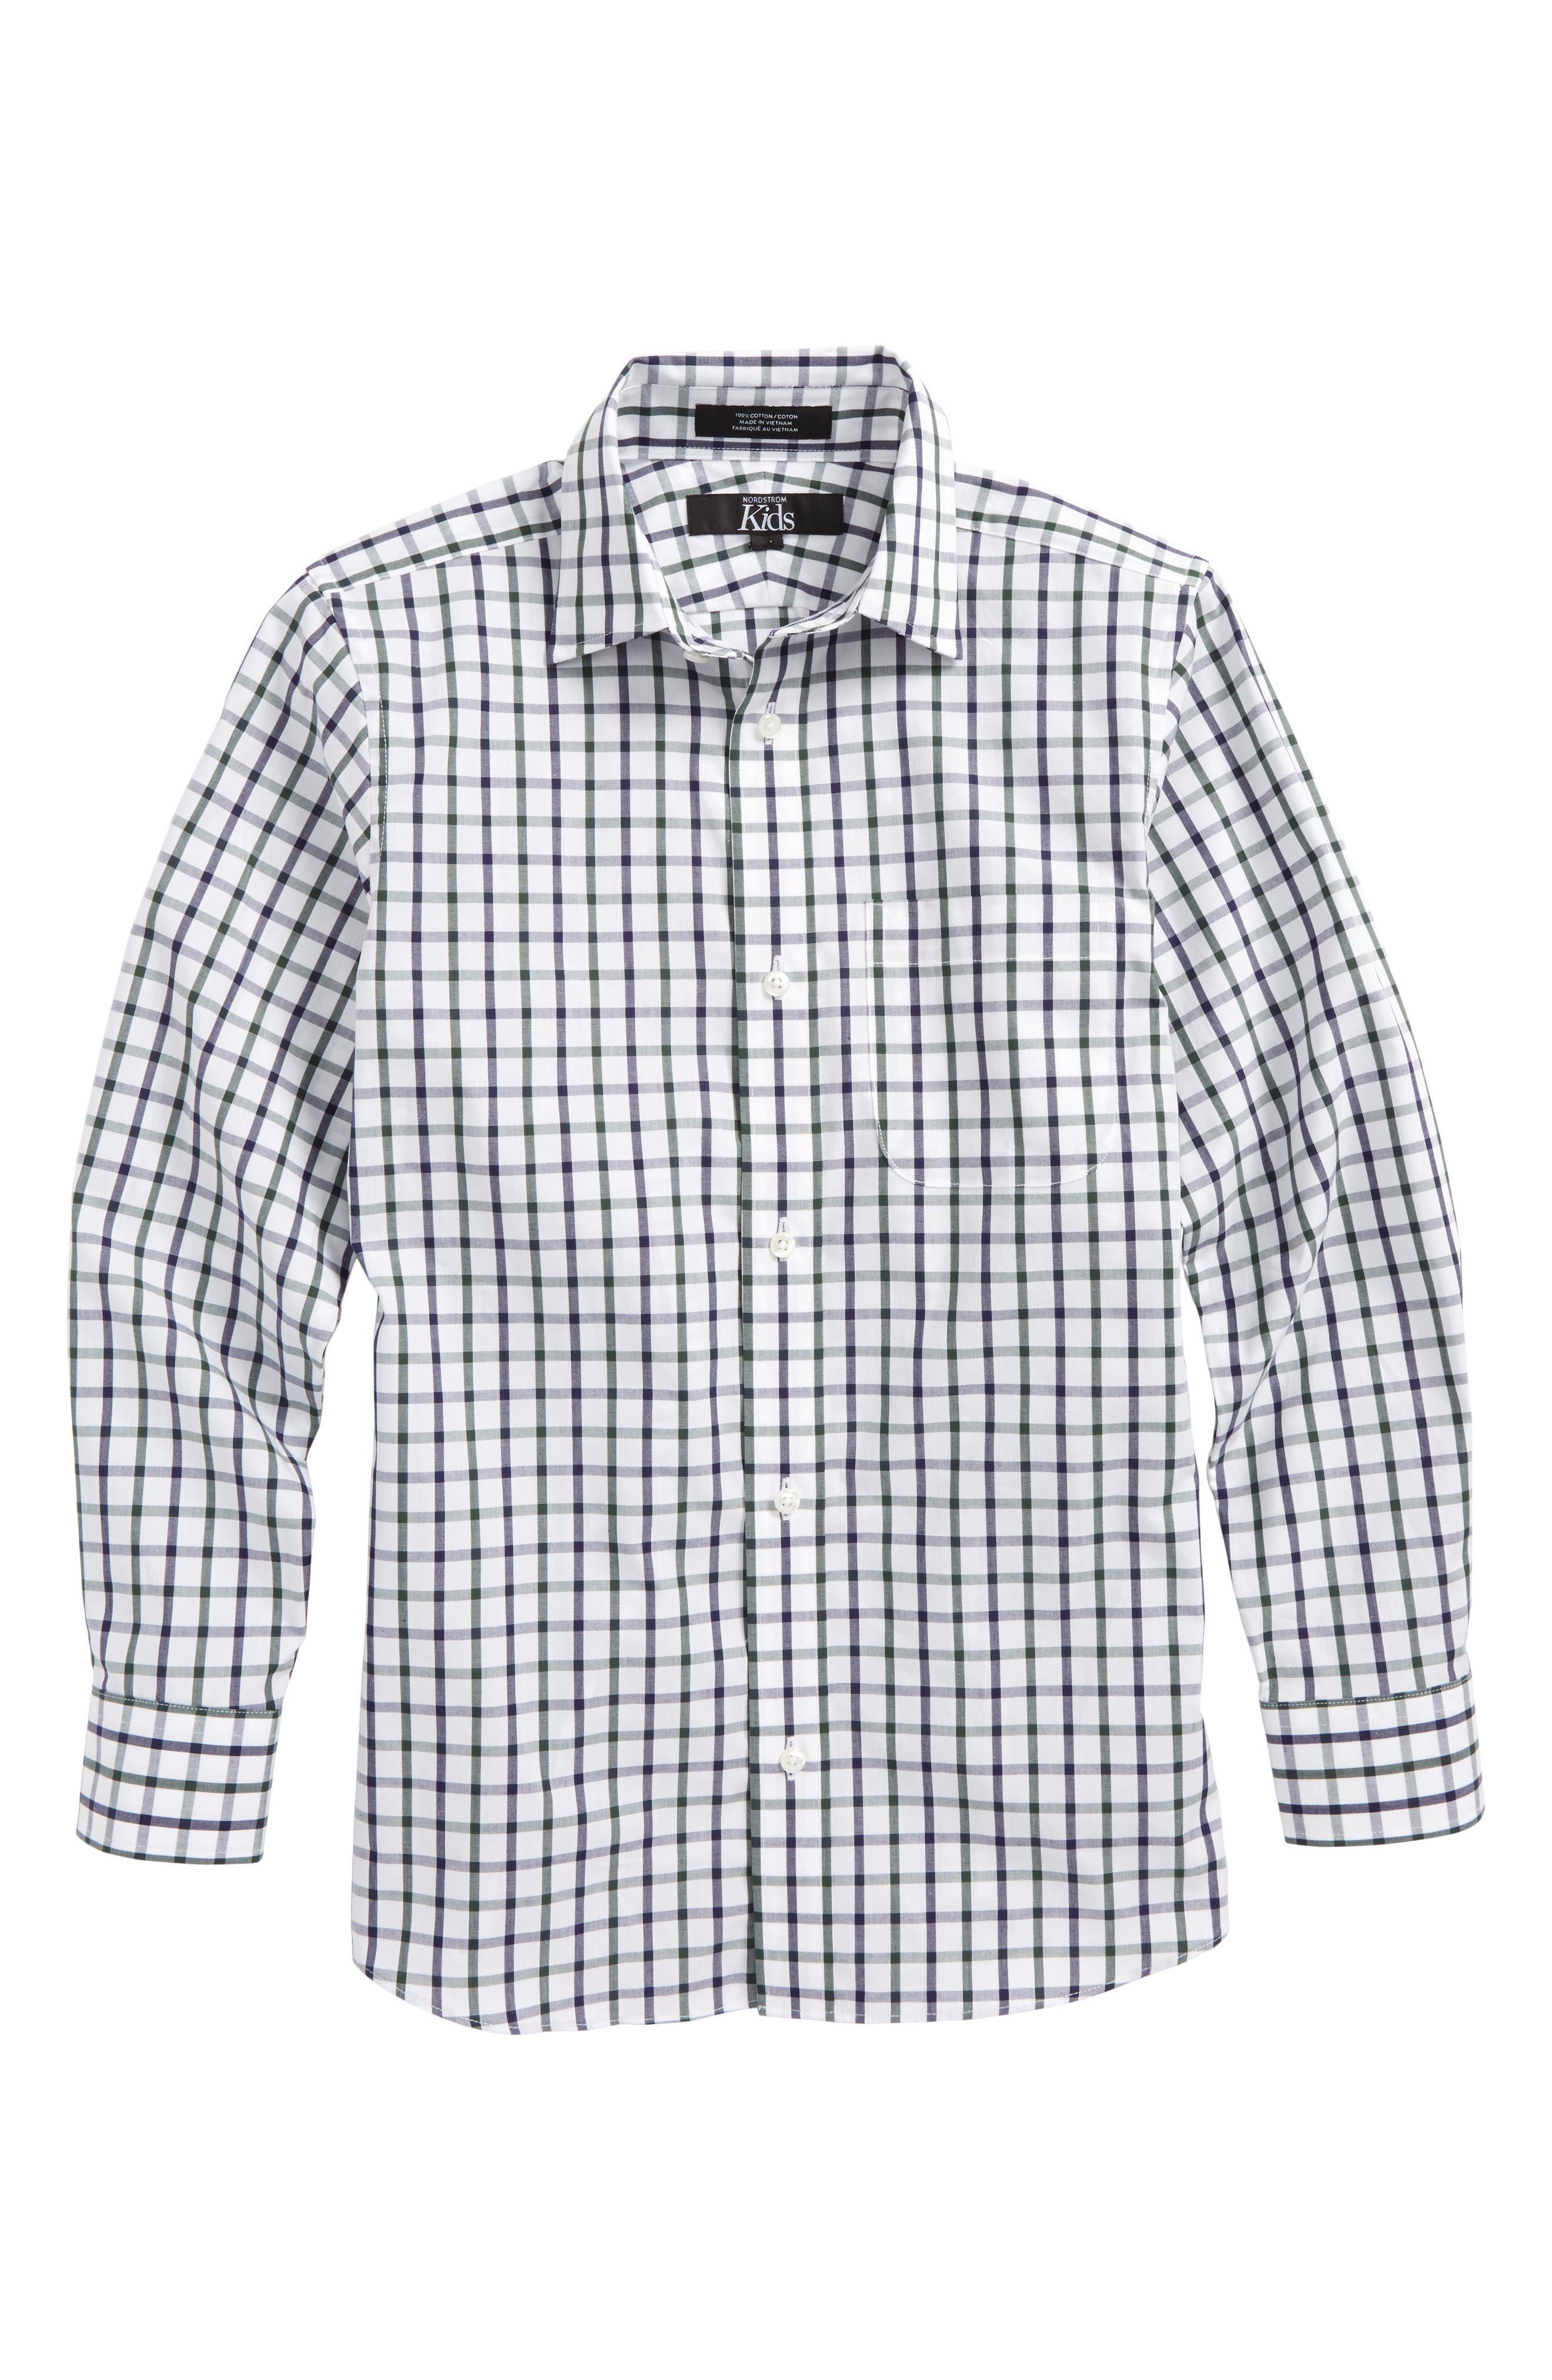 Alternate Image 1 Selected - Nordstrom Windowpane Plaid Dress Shirt (Toddler Boys & Little Boys)